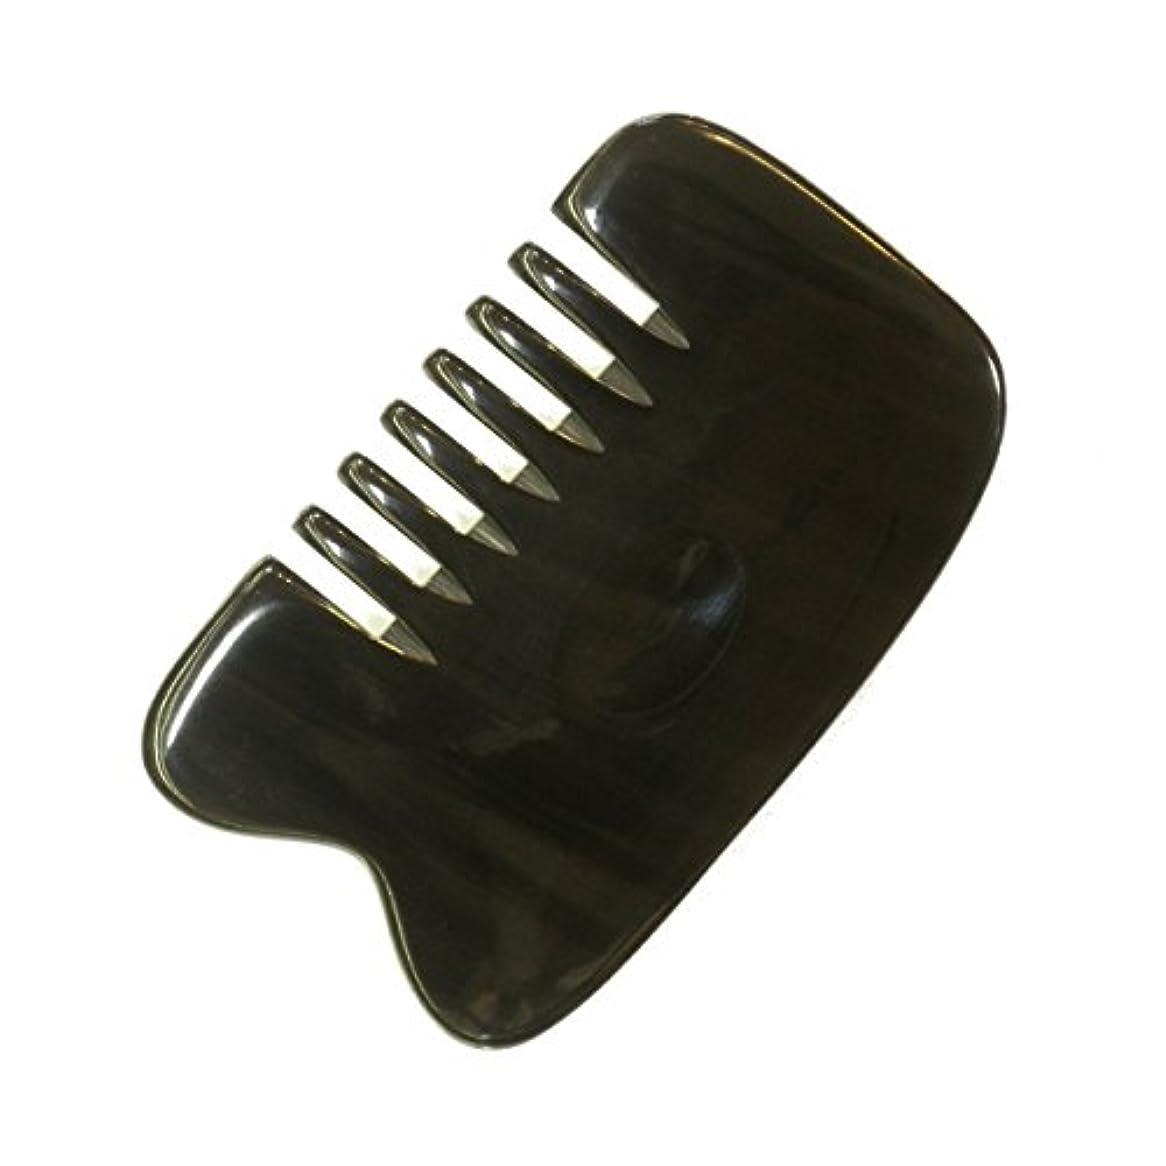 ログ実行銅かっさ プレート 厚さが選べる 水牛の角(黒水牛角) EHE221SP 櫛型 特級品 少し厚め(7ミリ程度)